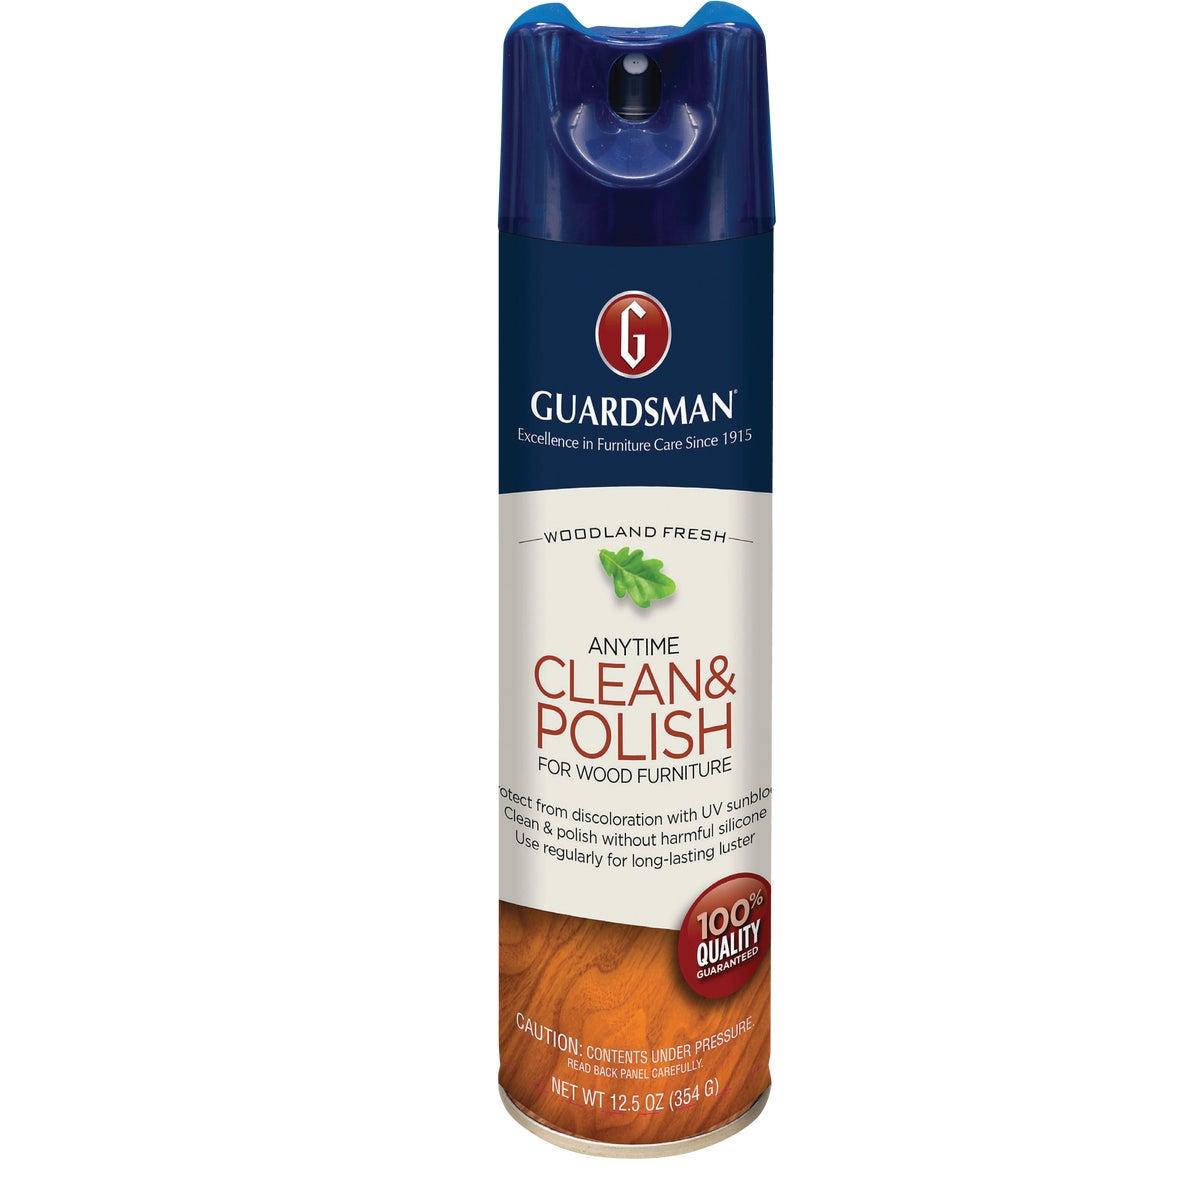 12.5OZ WDLN CLEAN&POLISH